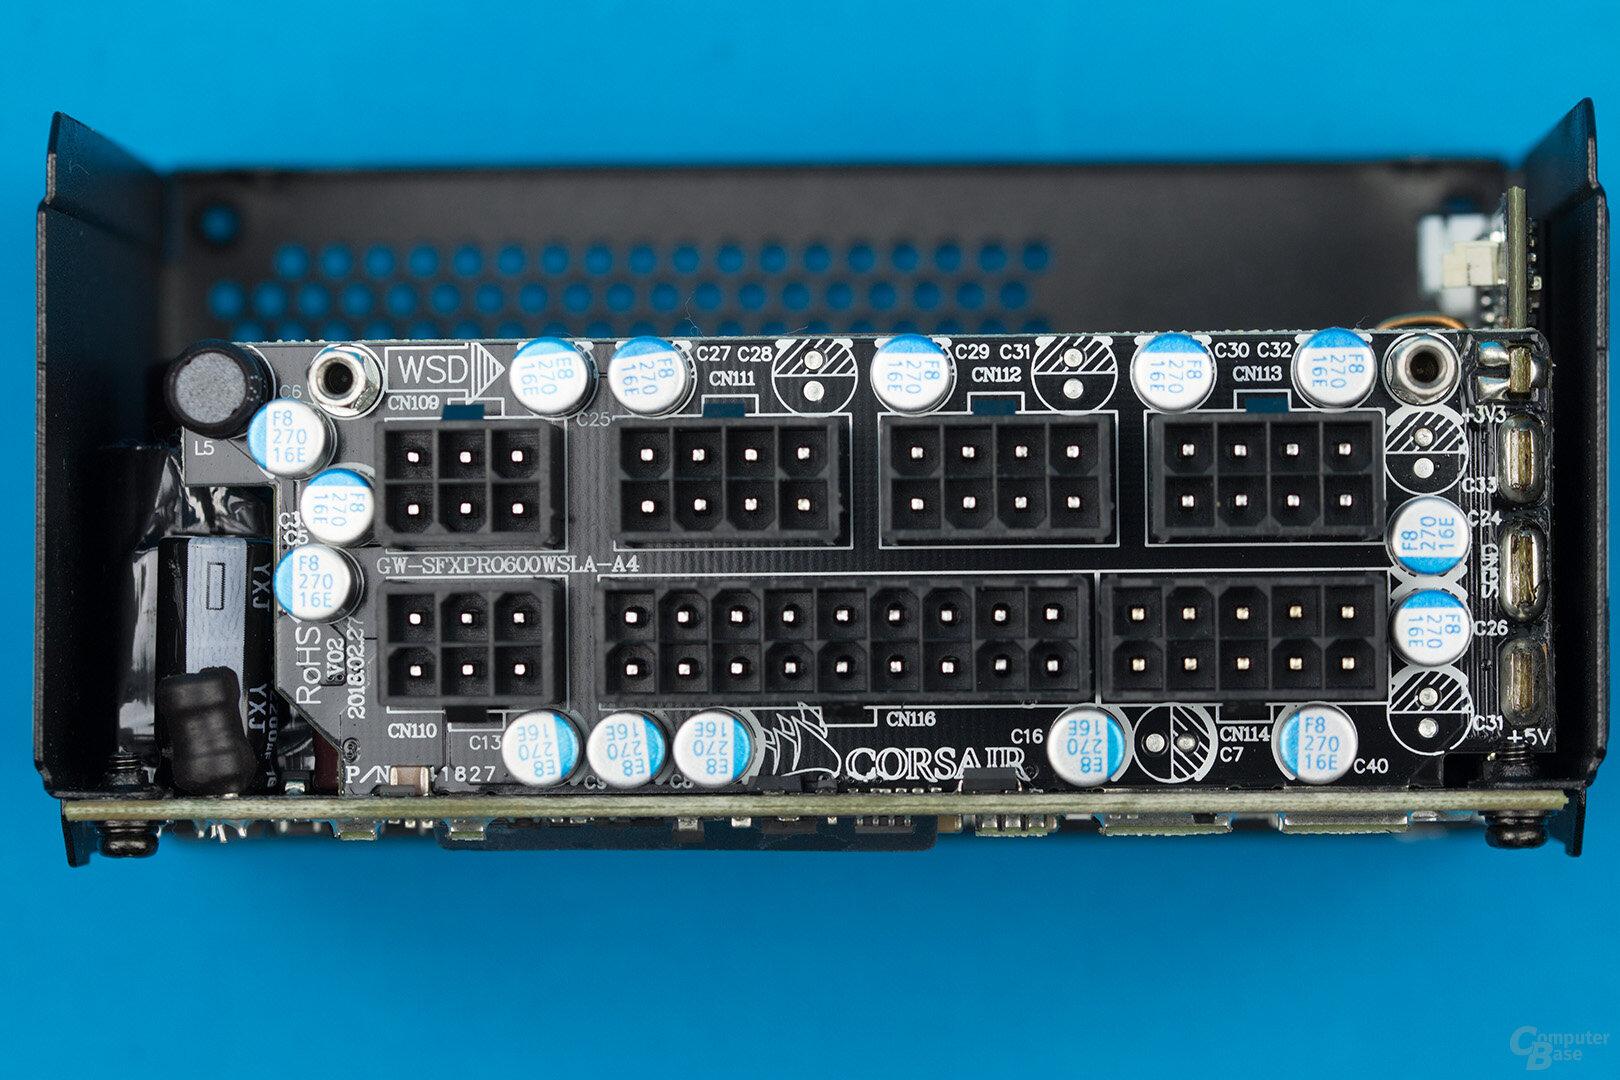 Corsair SF450 Platinum – Anschlussplatine